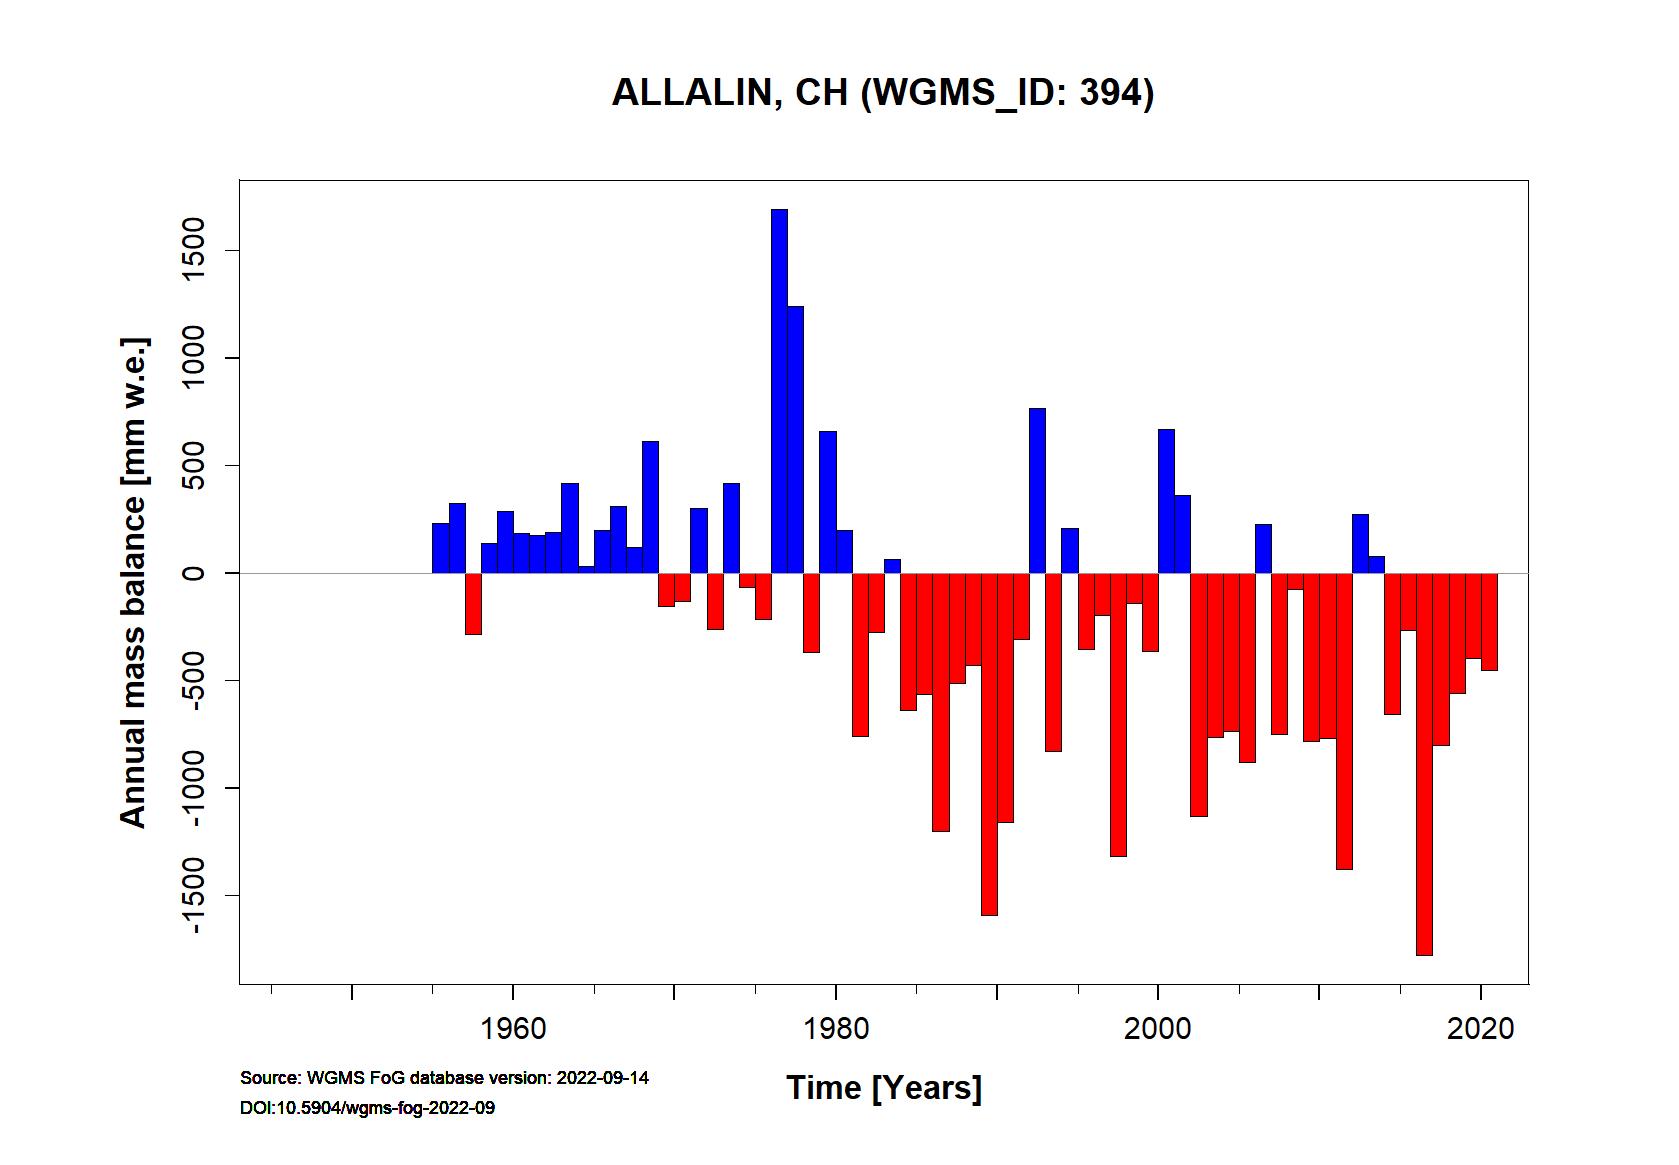 Allalin glacier Annual Mass Balance (WGMS, 2017)